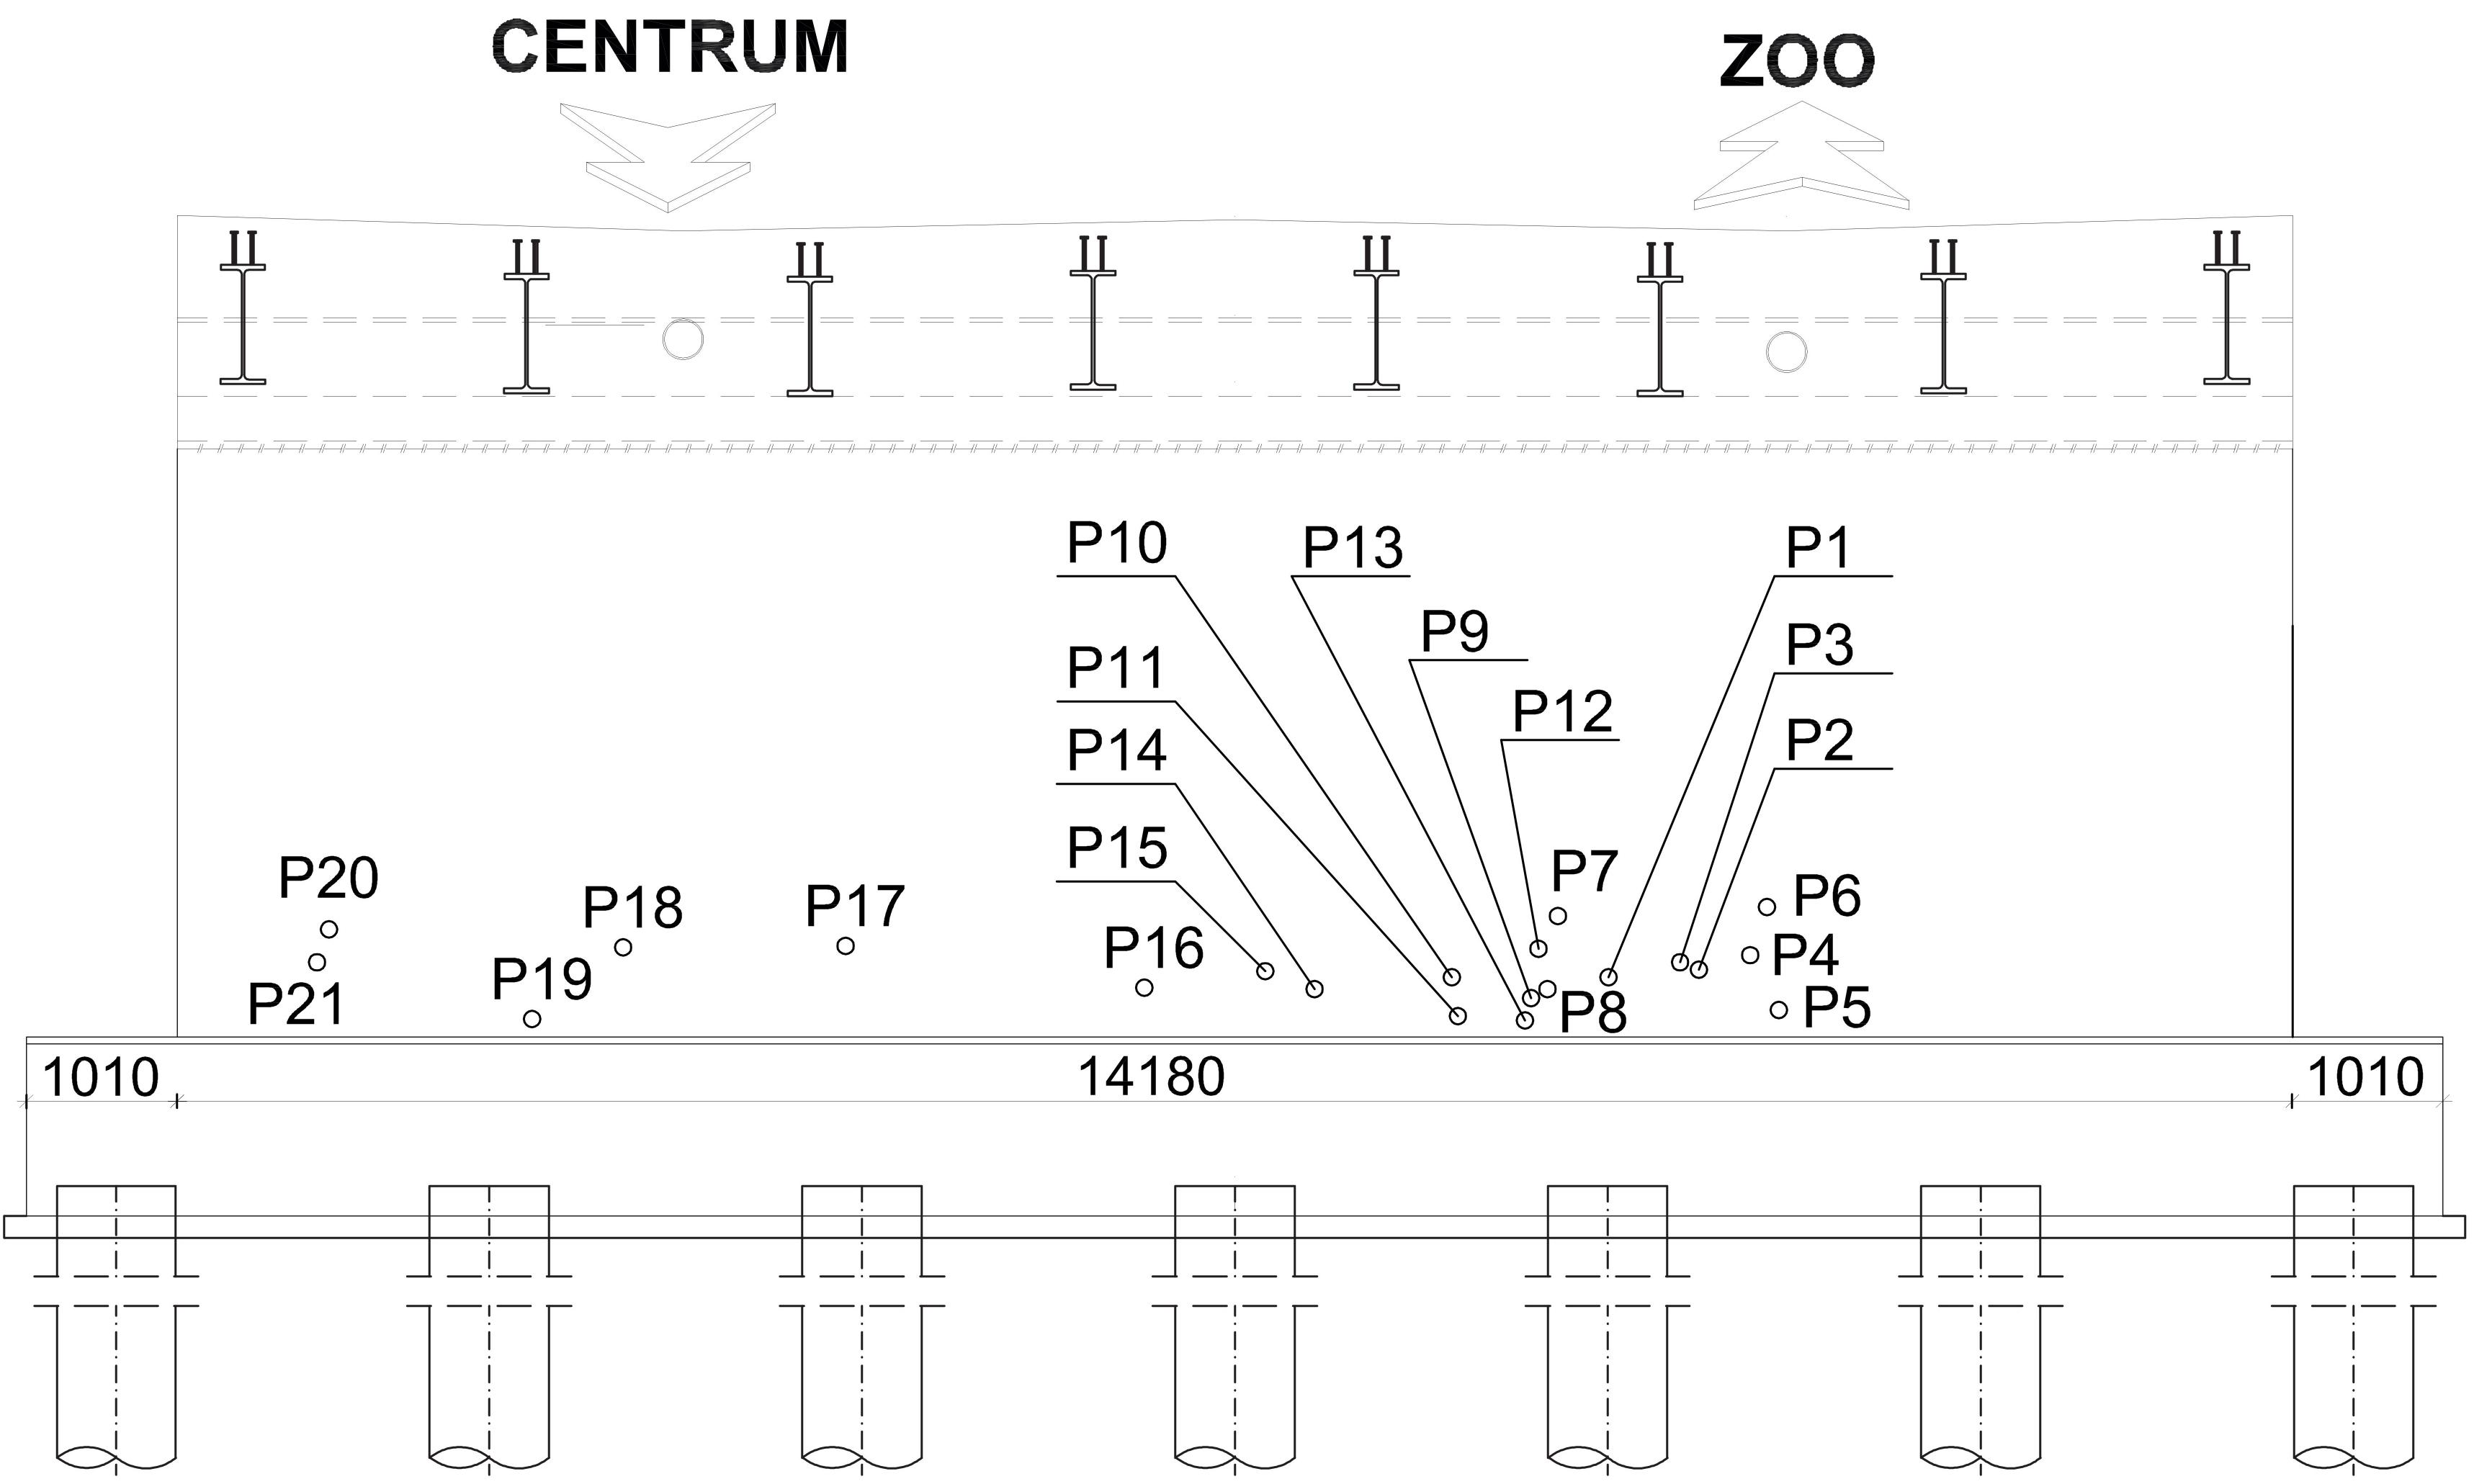 Schemat rozmieszczenia punktów pomiarowych na przyczółku od strony ZOO.